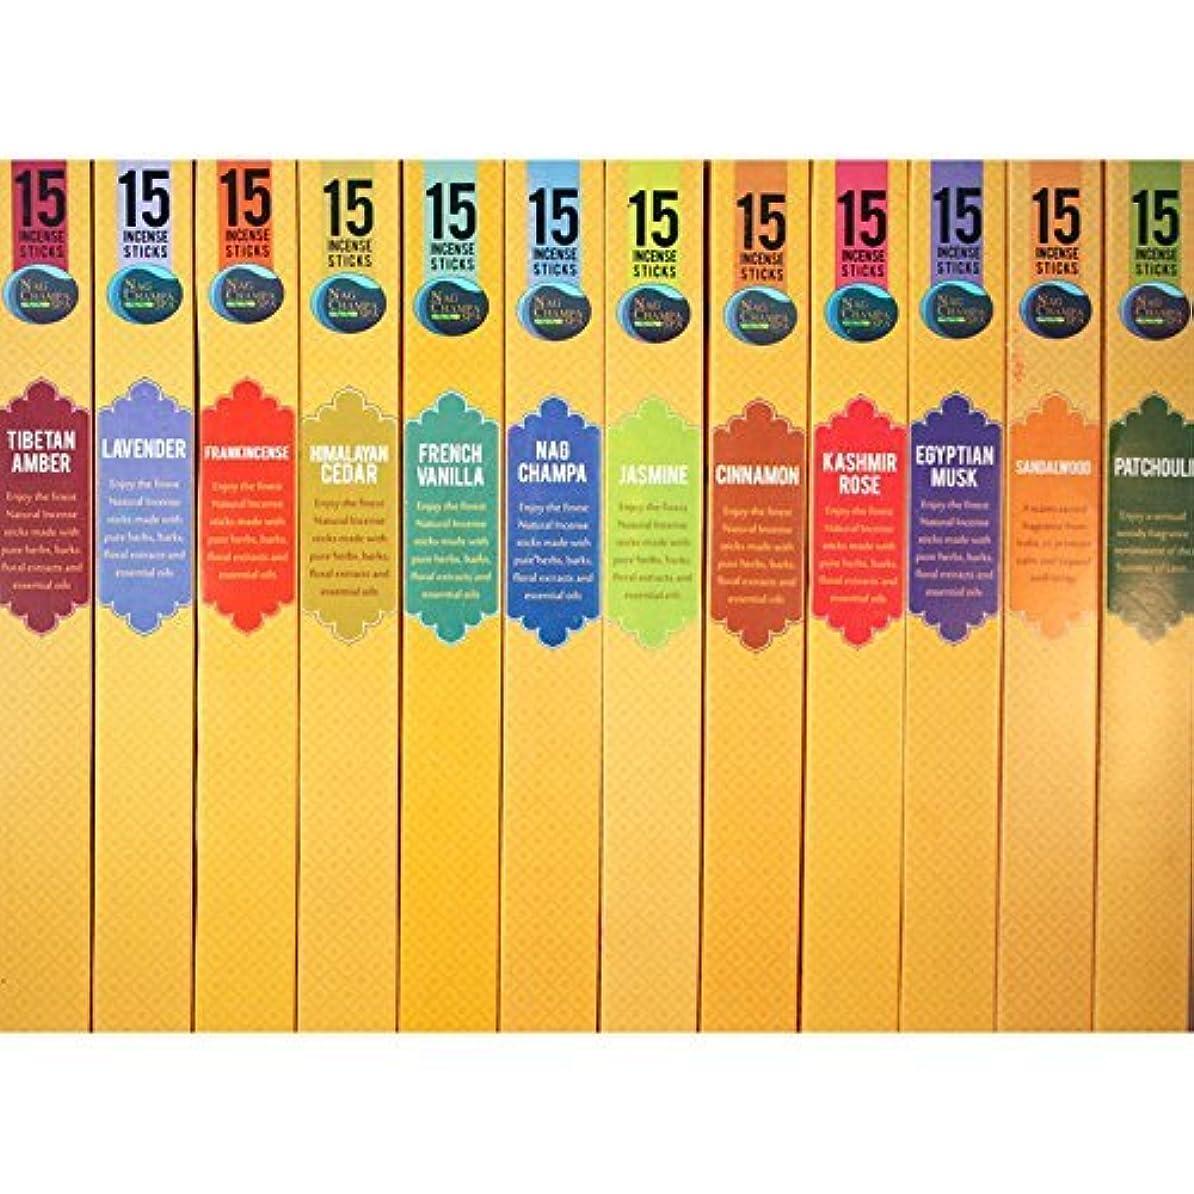 省担保扇動Spa Nag Champa Incense人気Fragrances Sampler – 12ボックス(15 Sticks Ea) Nag Champa、サンダルウッド、パチュリ、ラベンダー、ジャスミン、ムスクFrankincense...